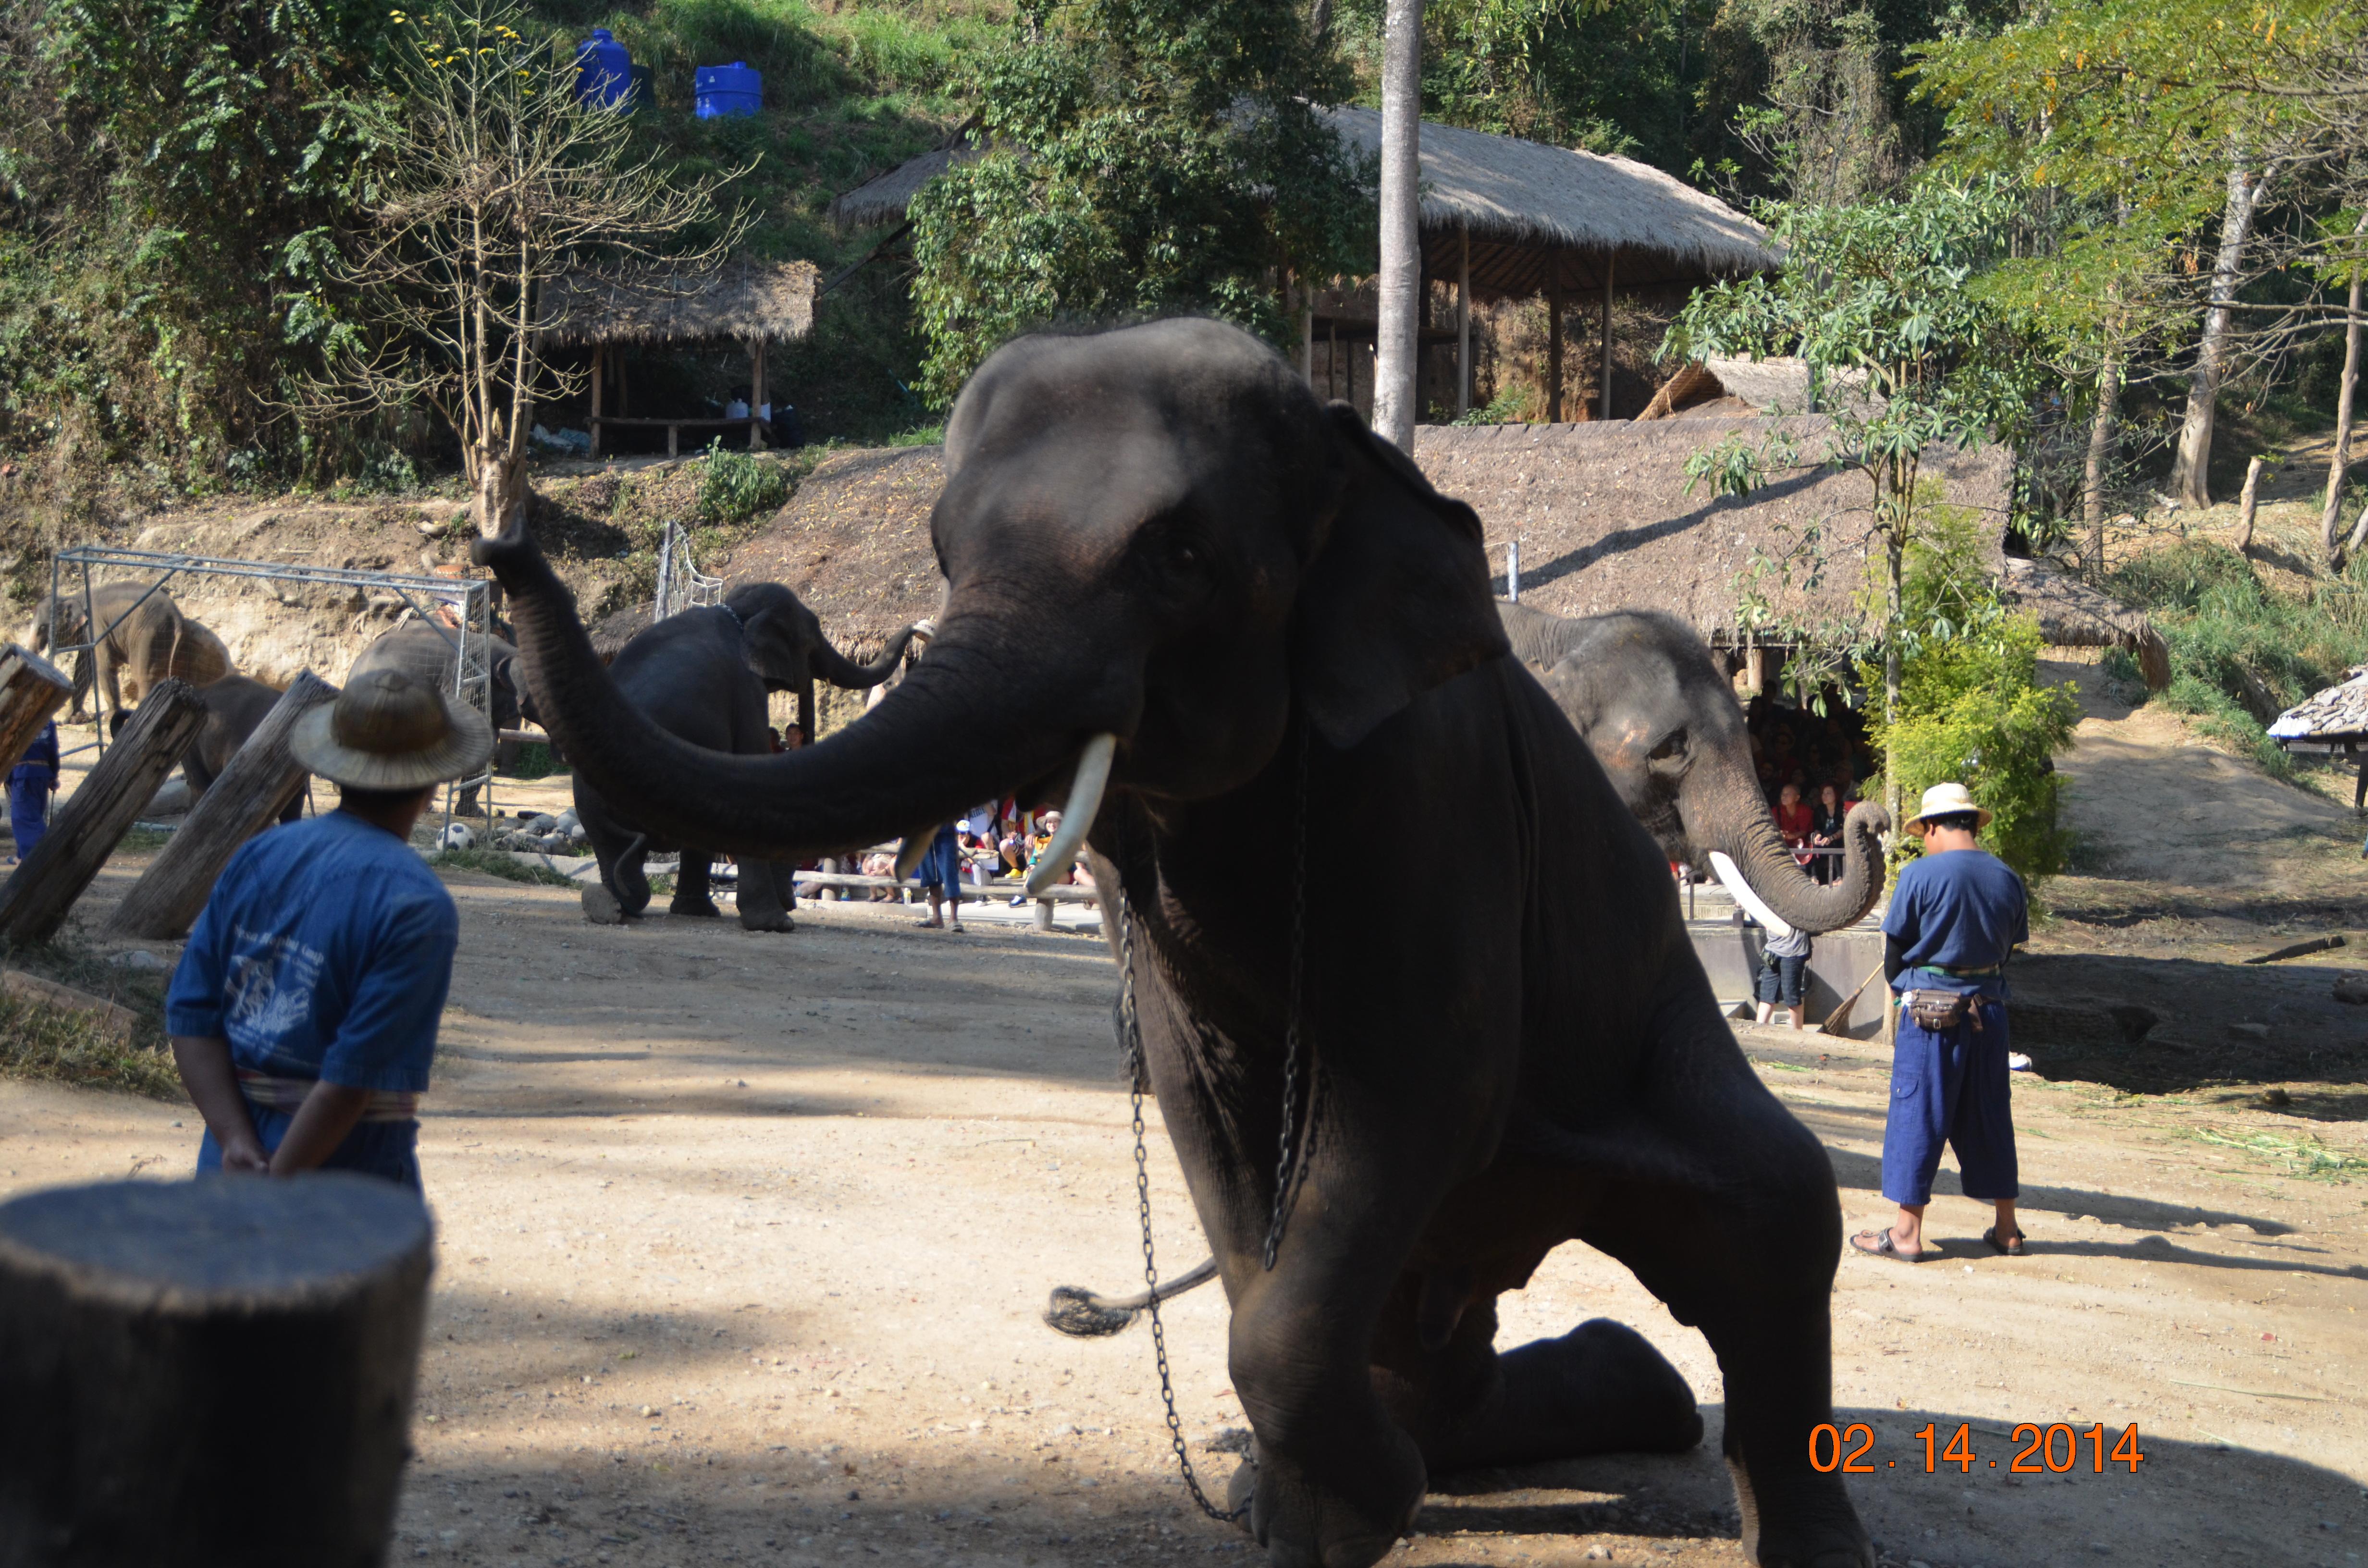 大象 动物 4928_3264